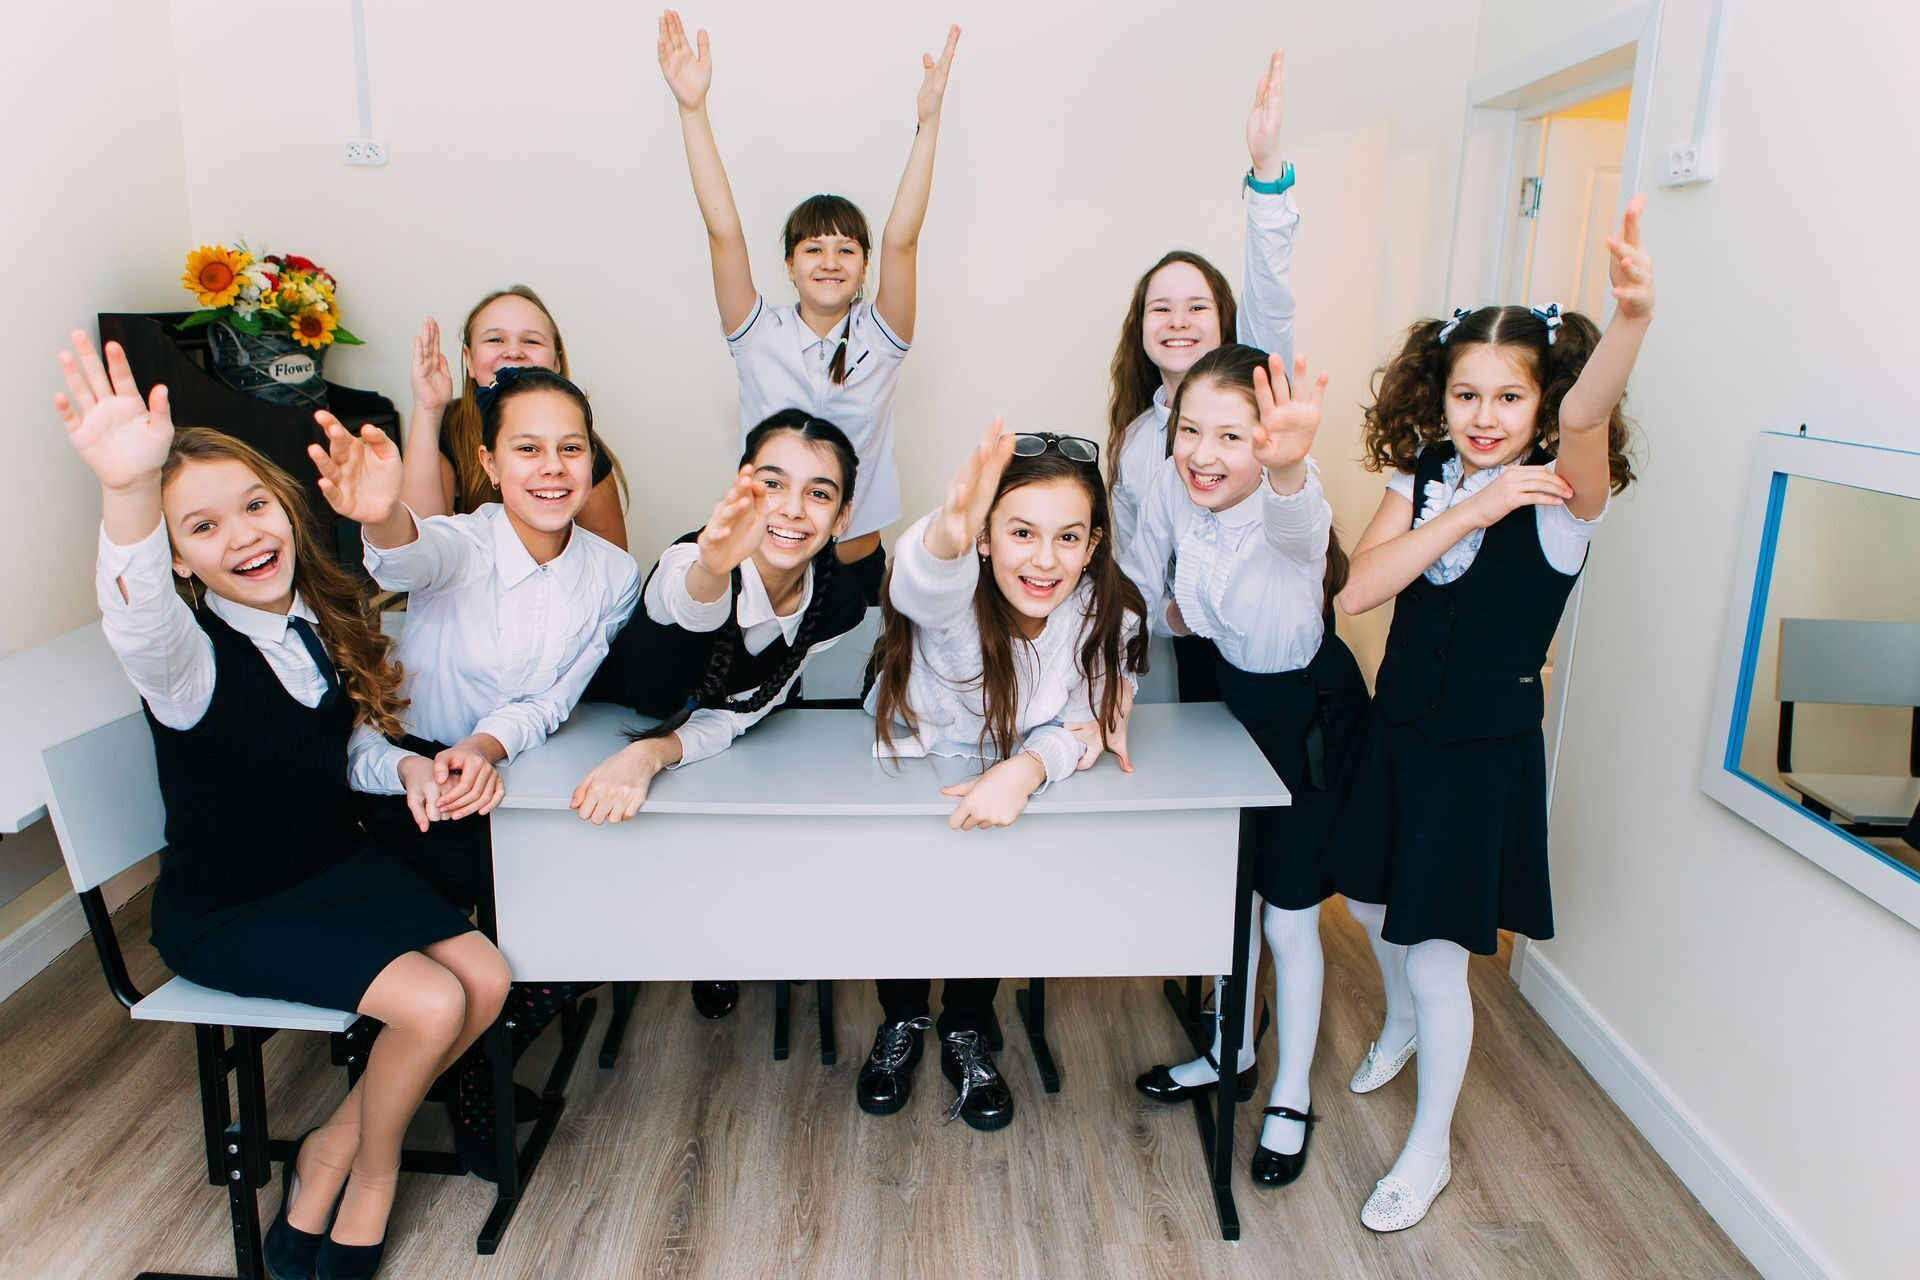 красивые фотографии класса веселые, юмором